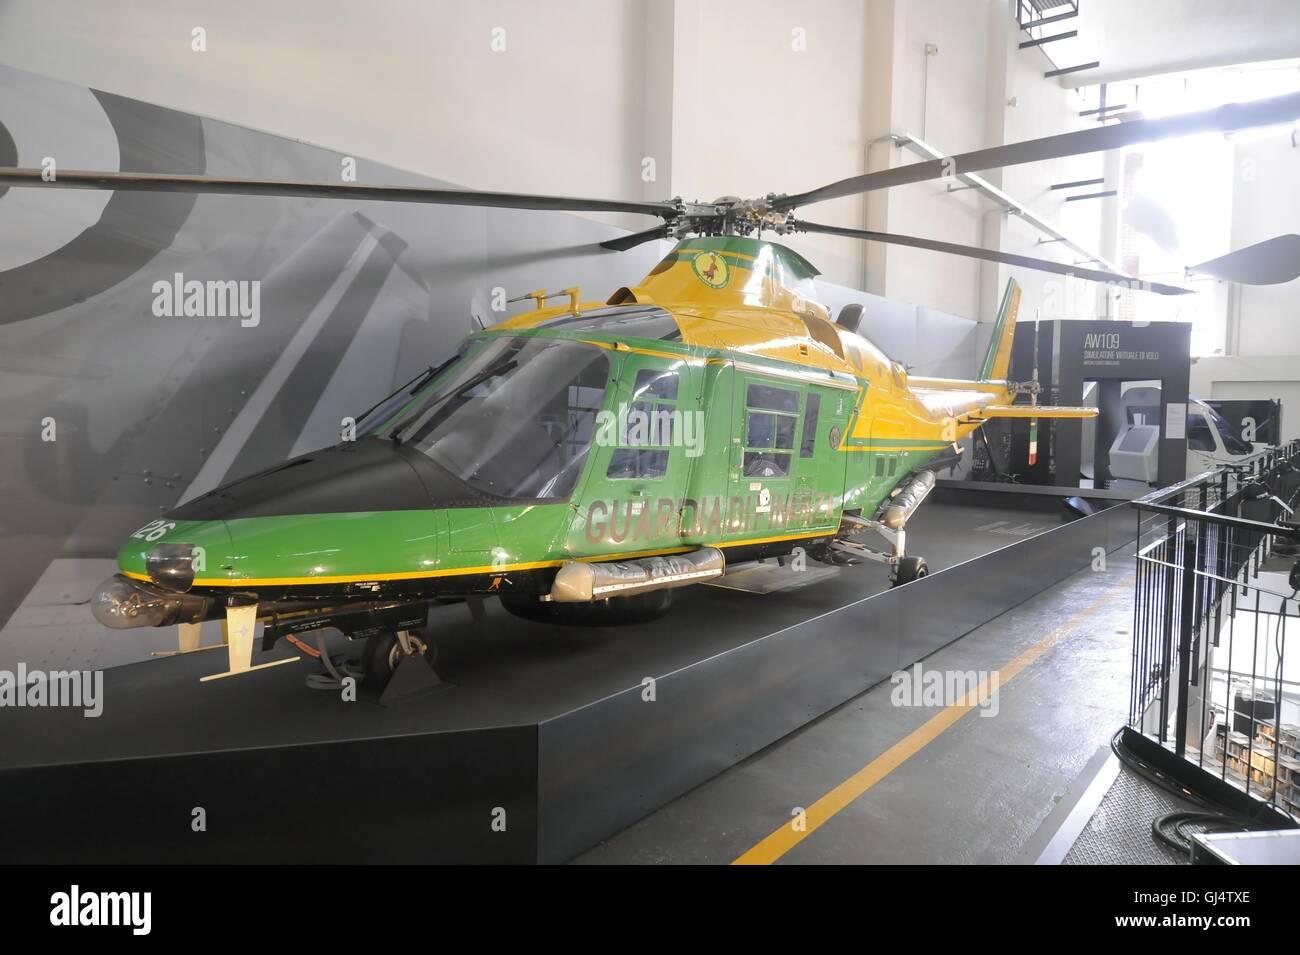 Elicottero Milano : Milano italia il museo nazionale della scienza e della tecnologia